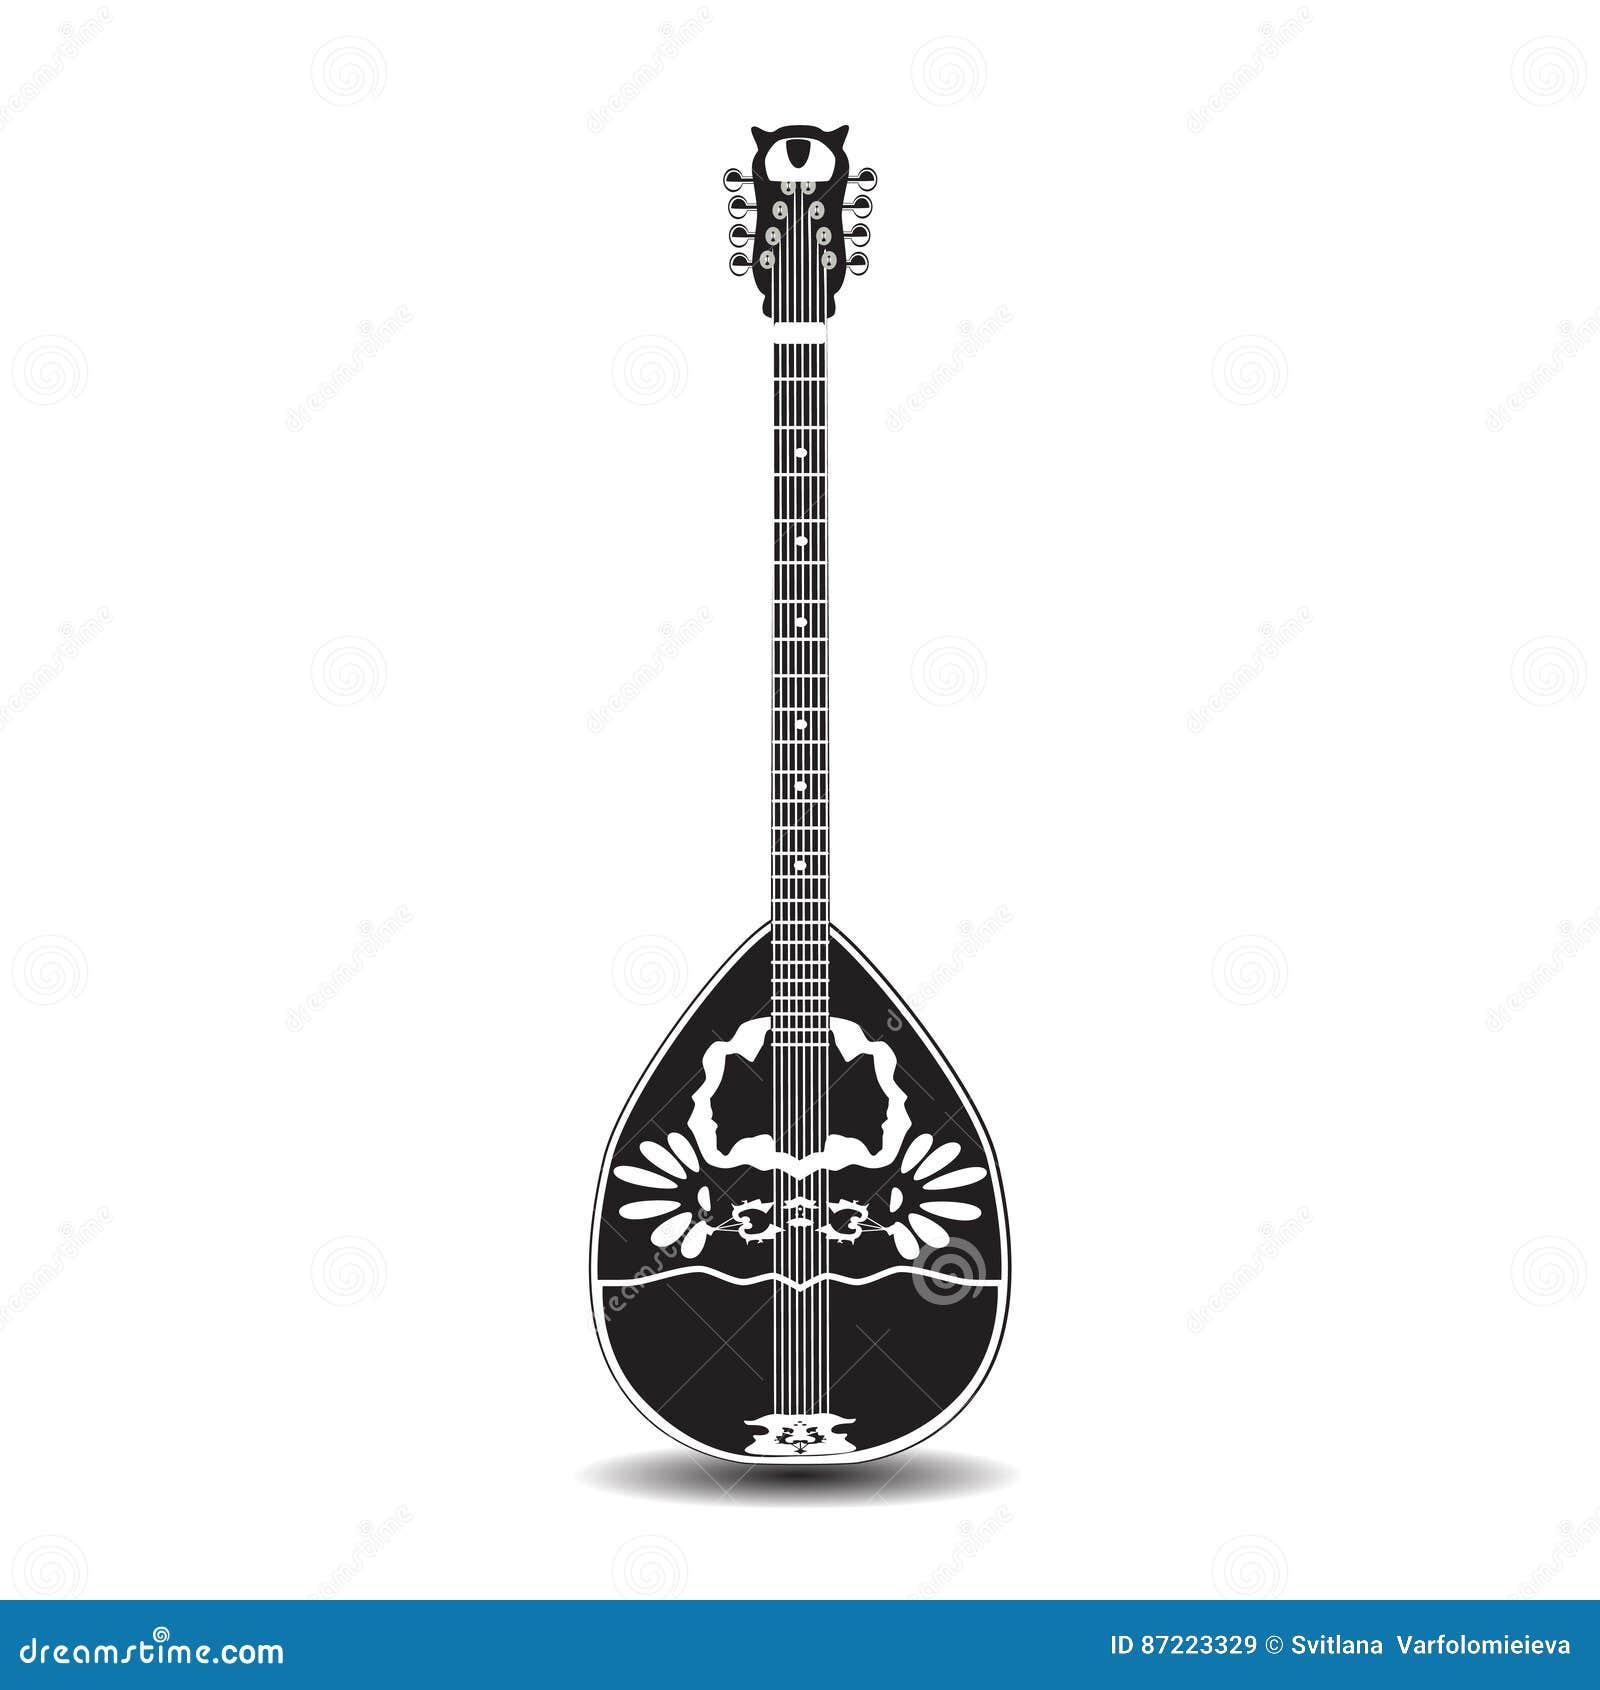 Διανυσματική απεικόνιση του bouzouki, ελληνικό λαϊκό μουσικό όργανο στο επίπεδο ύφος